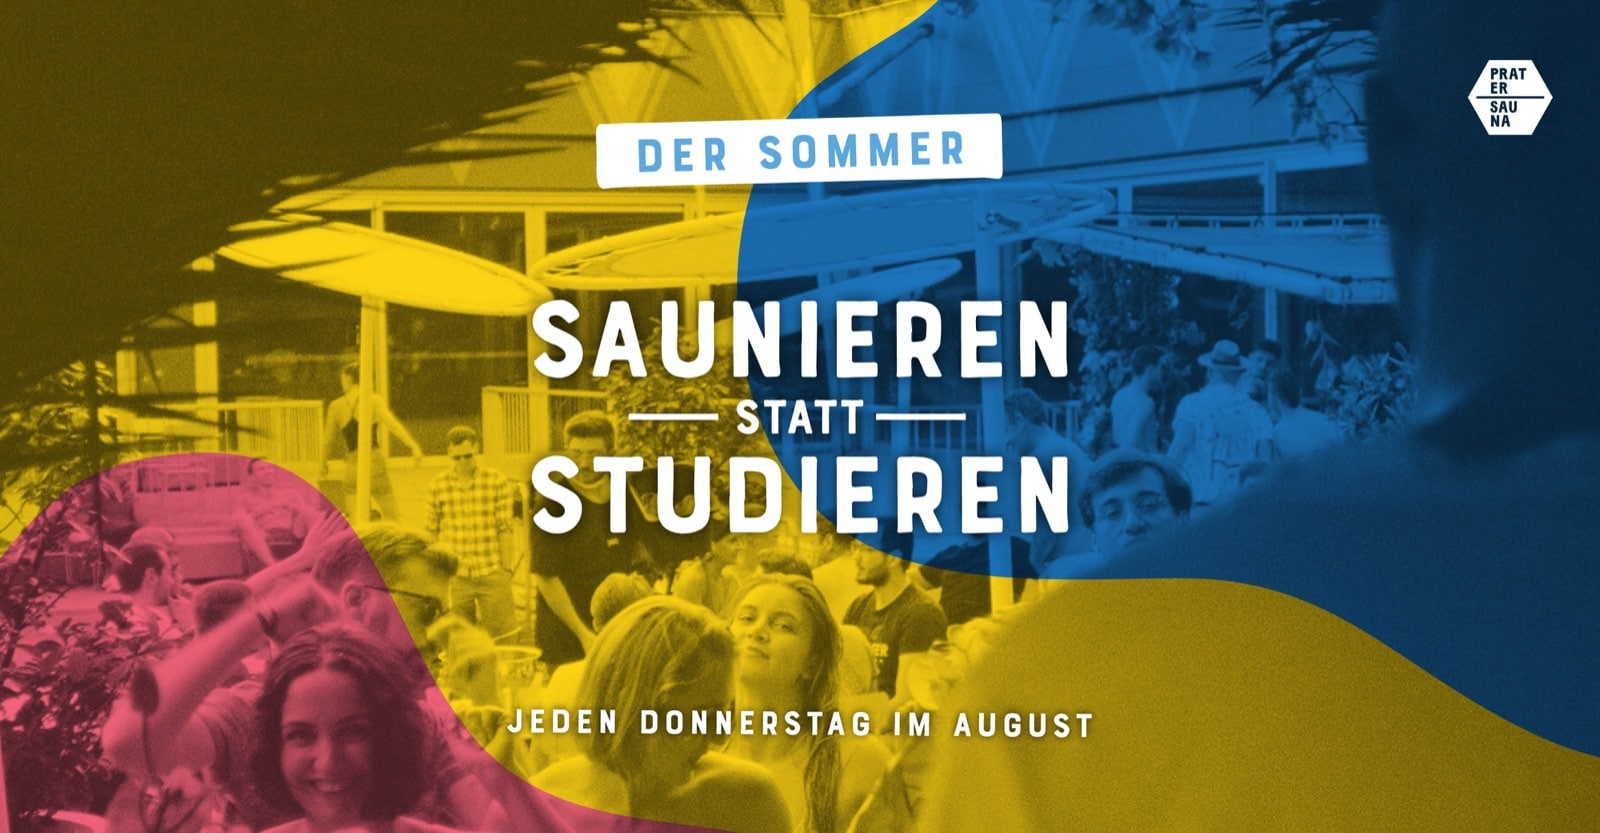 Events Wien: Saunieren statt Studieren   Dein Sommer